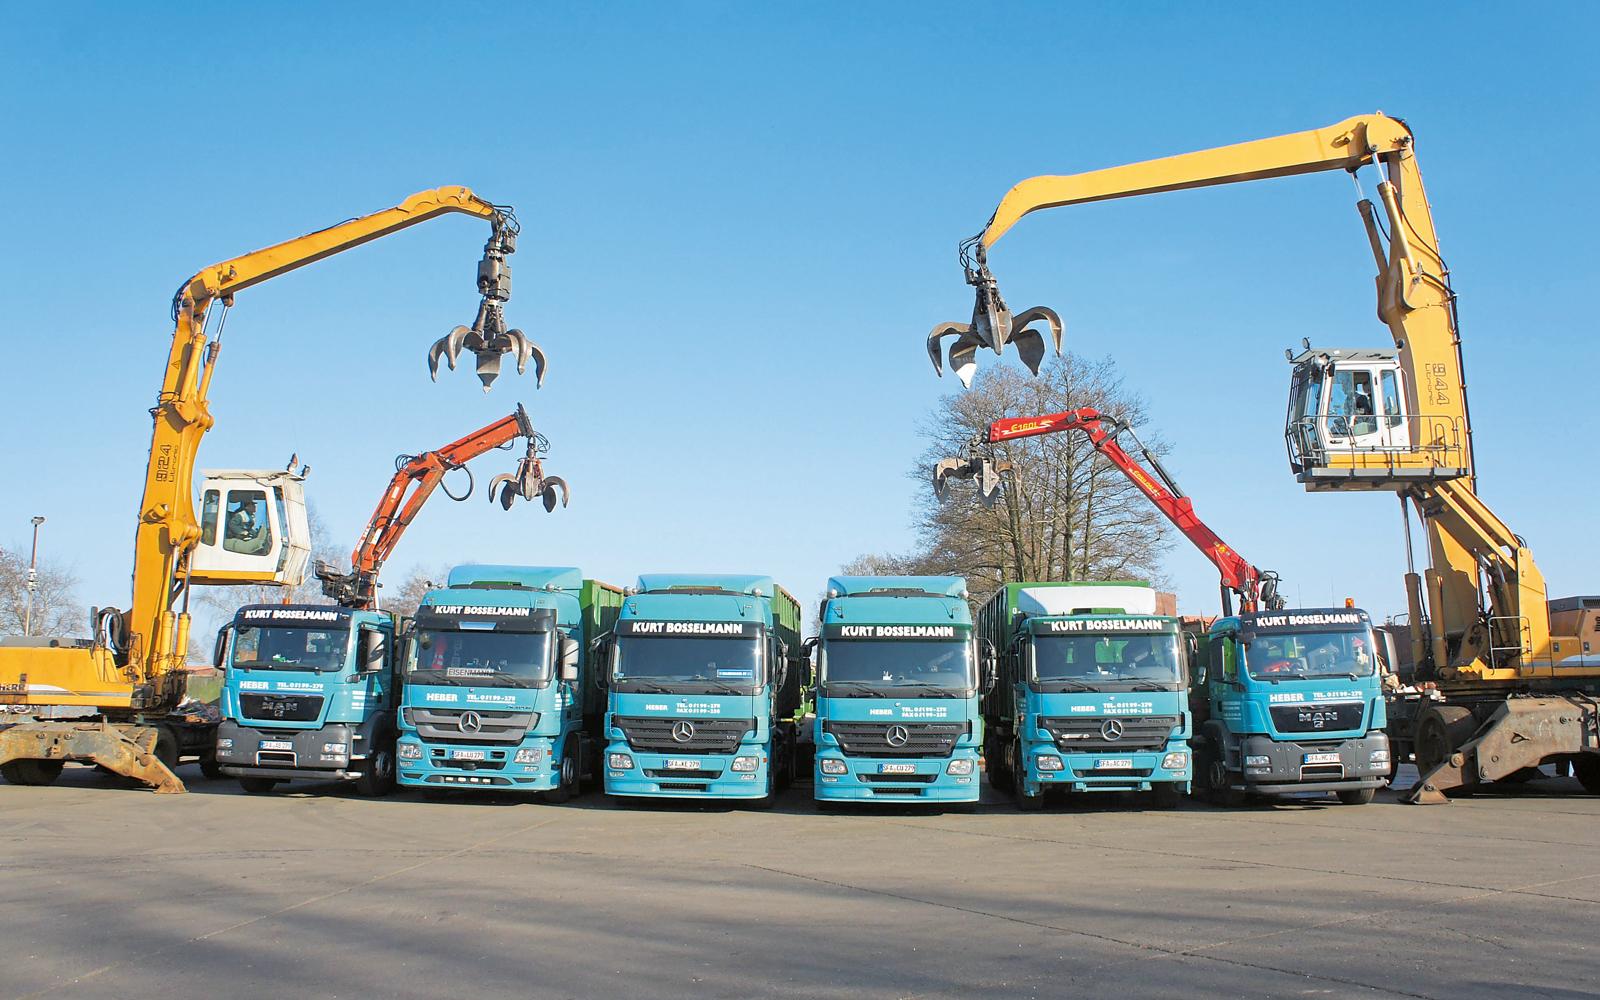 Der Fuhrpark des Unternehmens Kurt Bosselmann Metallhandel steht Kunden auch für Speditions- und Transportleistungen zur Verfügung.